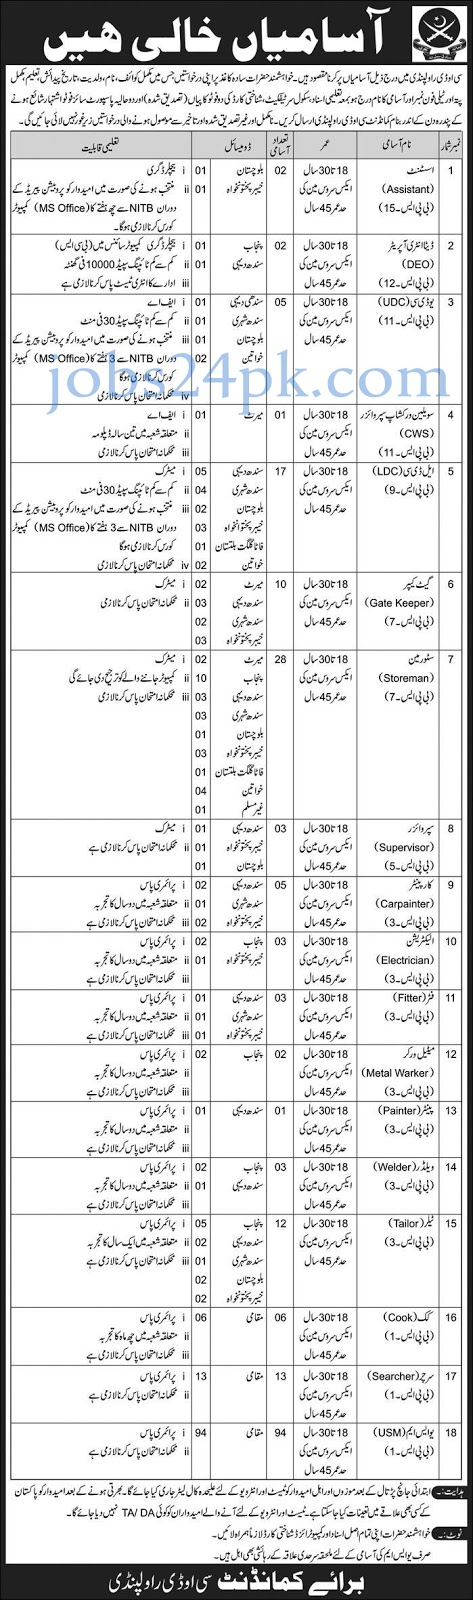 COD Rawalpindi Jobs 2019 Pakistan Army Latest Jobs In Pakistan Army 2019 For All Pakistan